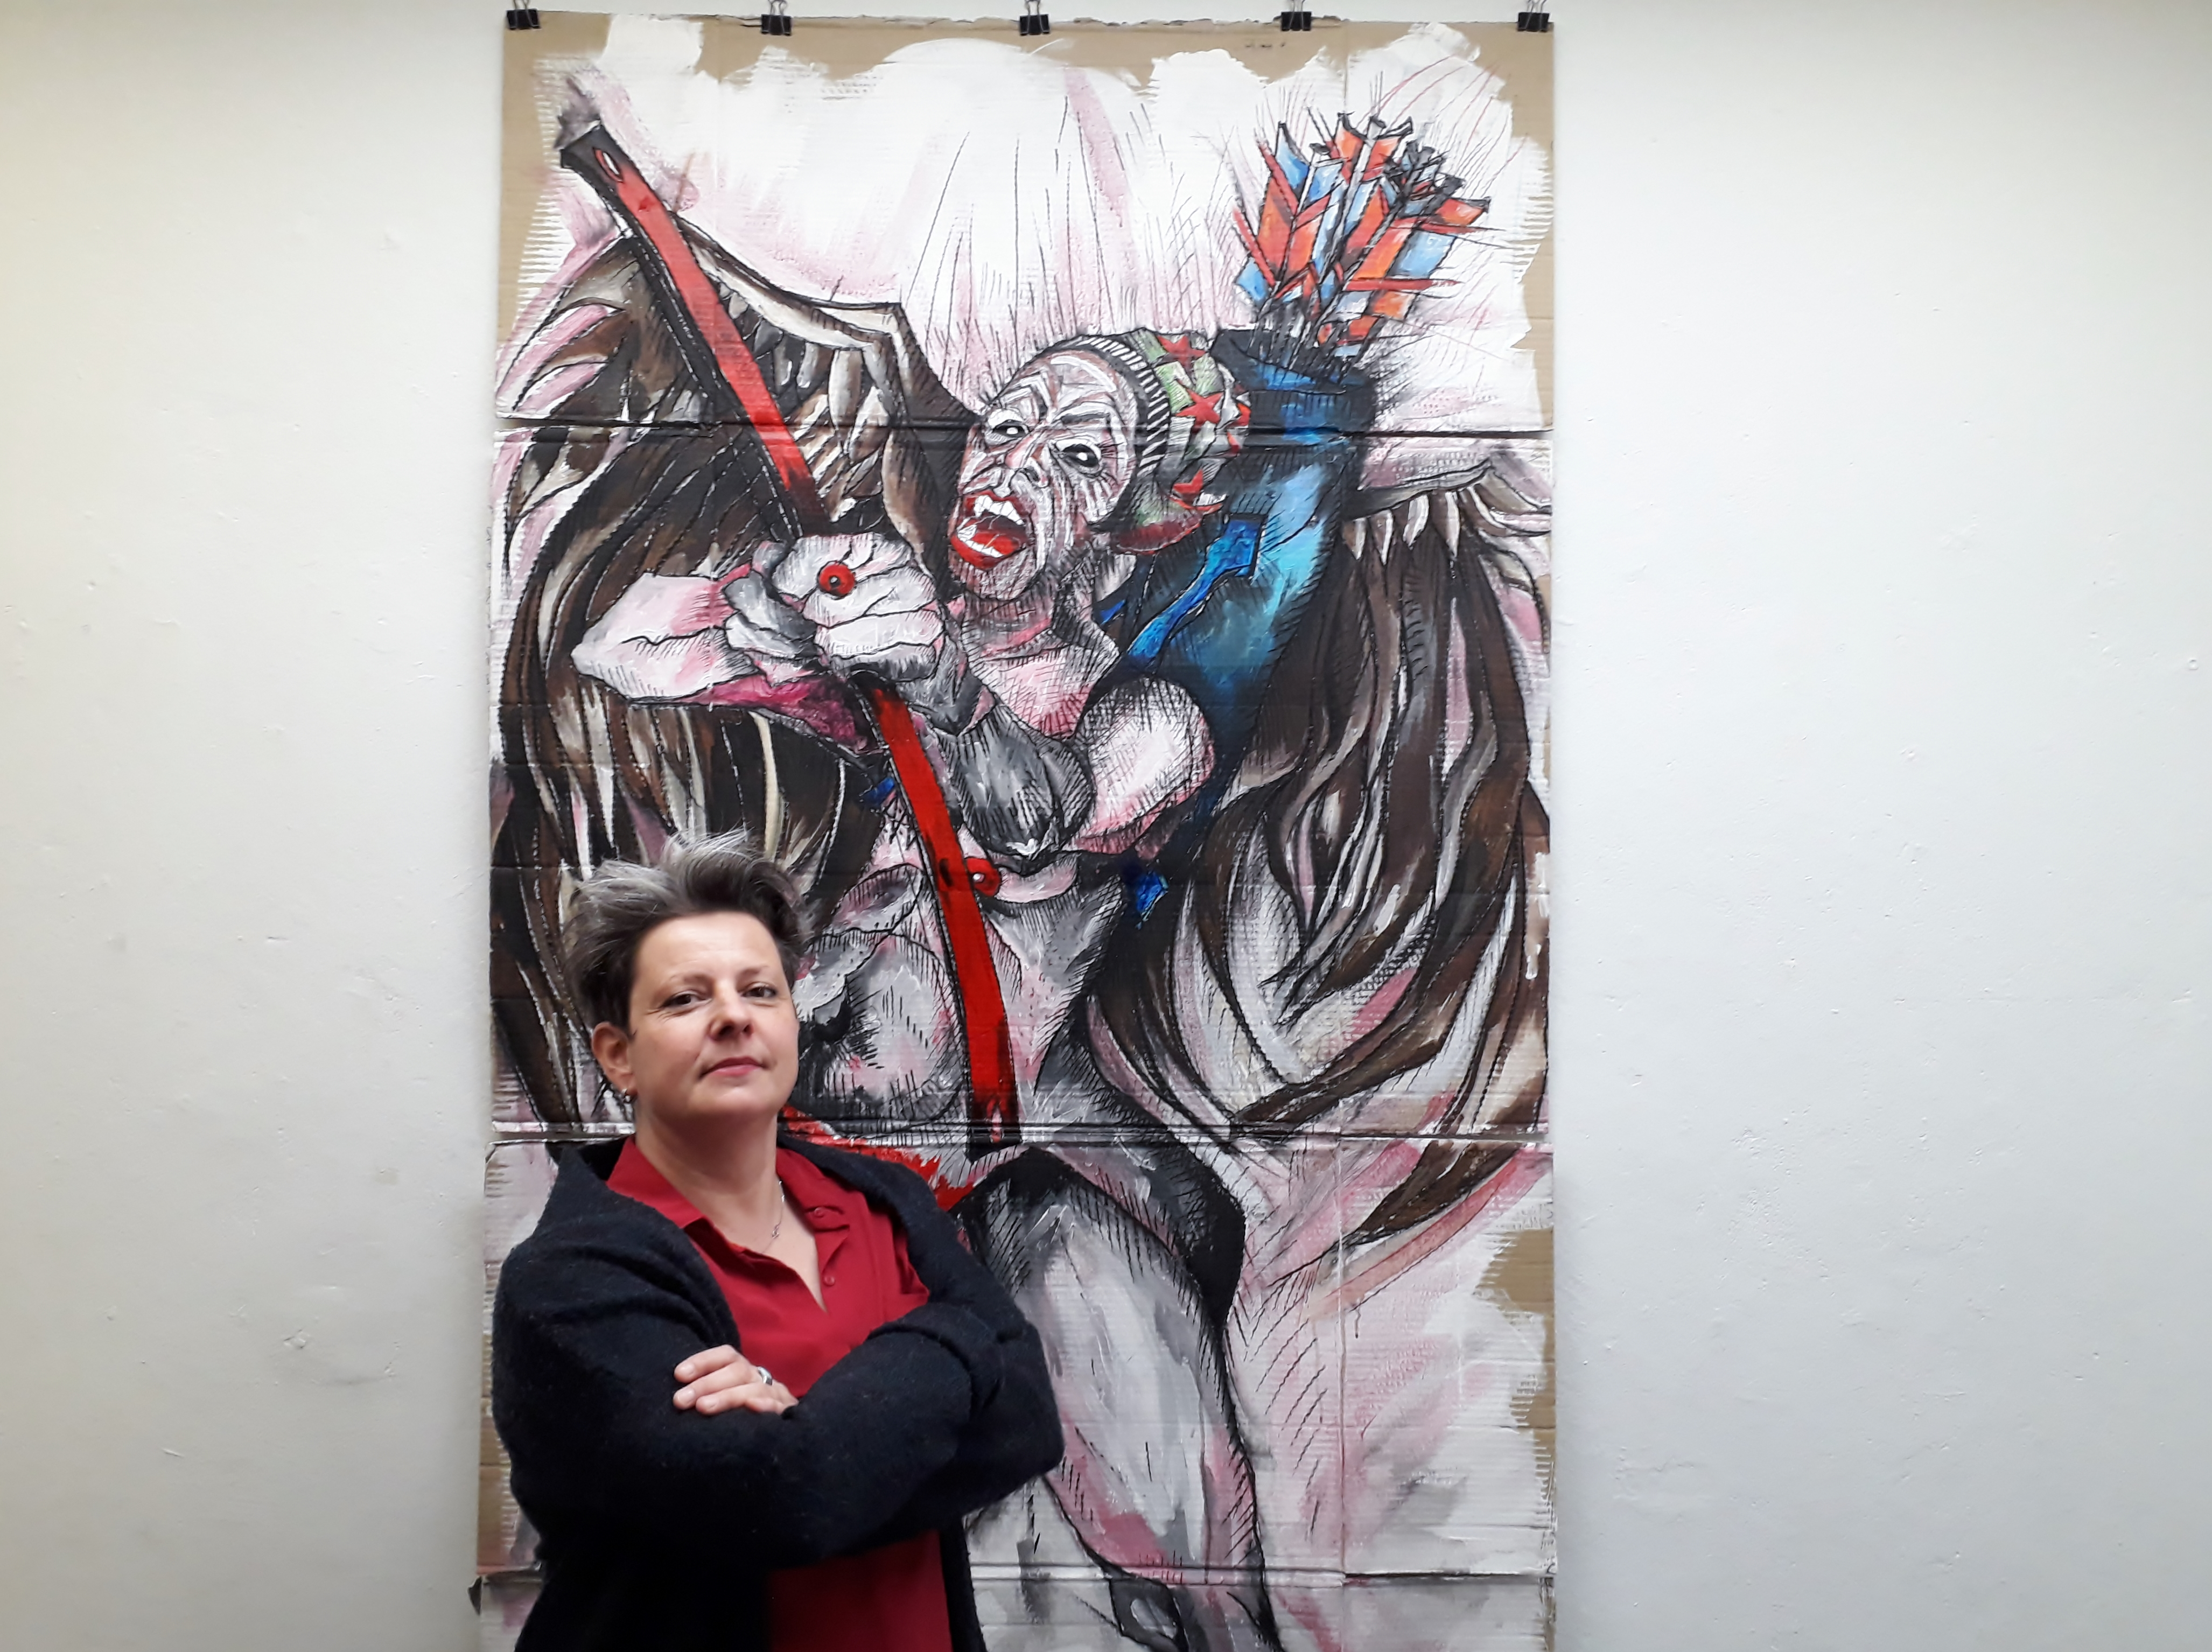 Liebesglühen und Liebesmühen in der Bilderserie »Verhängnis« von Nadja Schüller-Ost